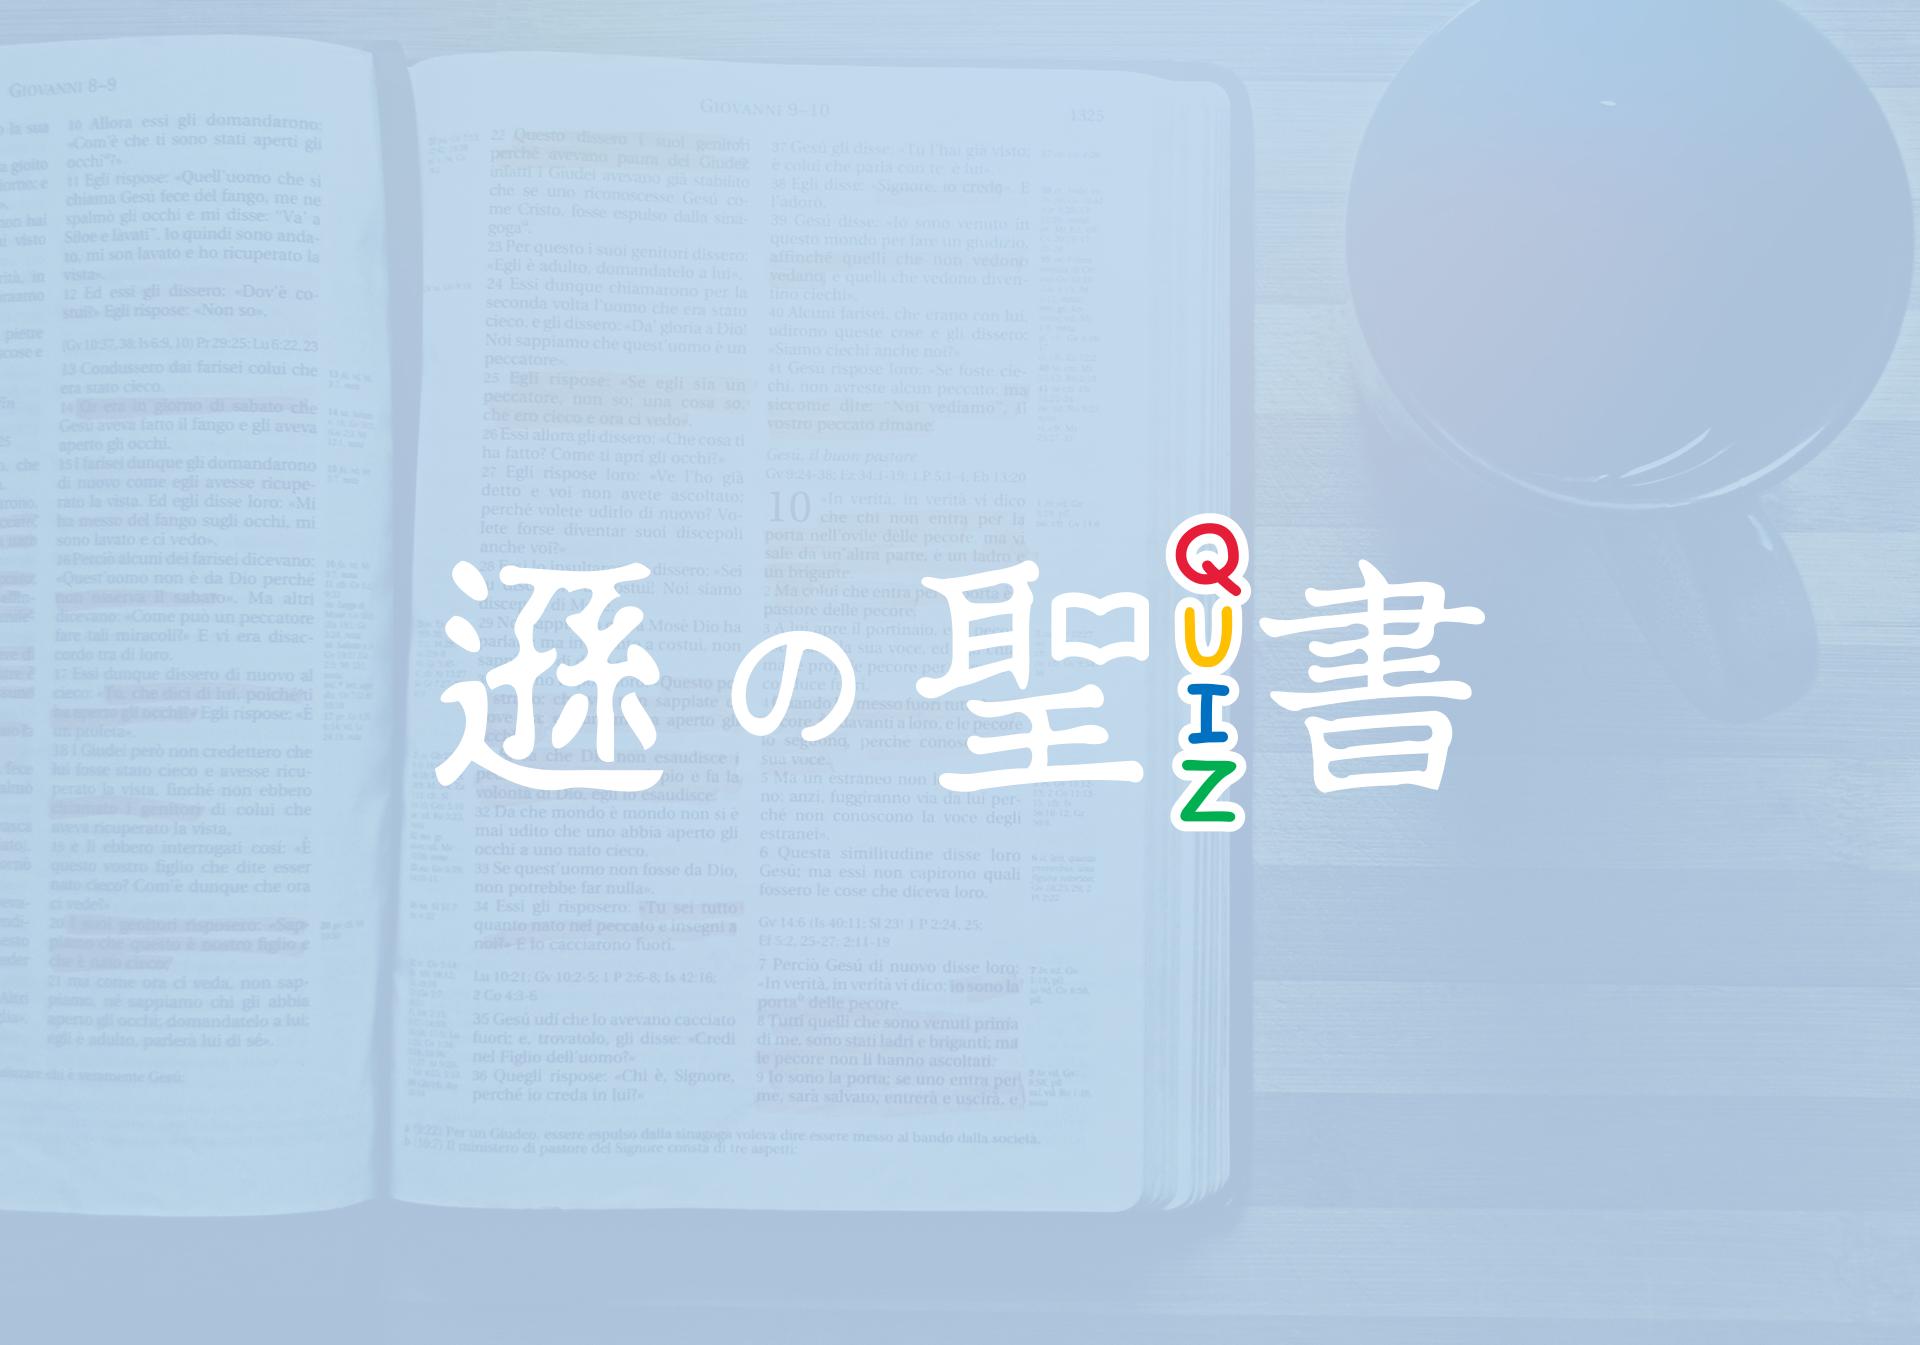 遜の聖書QUIZ